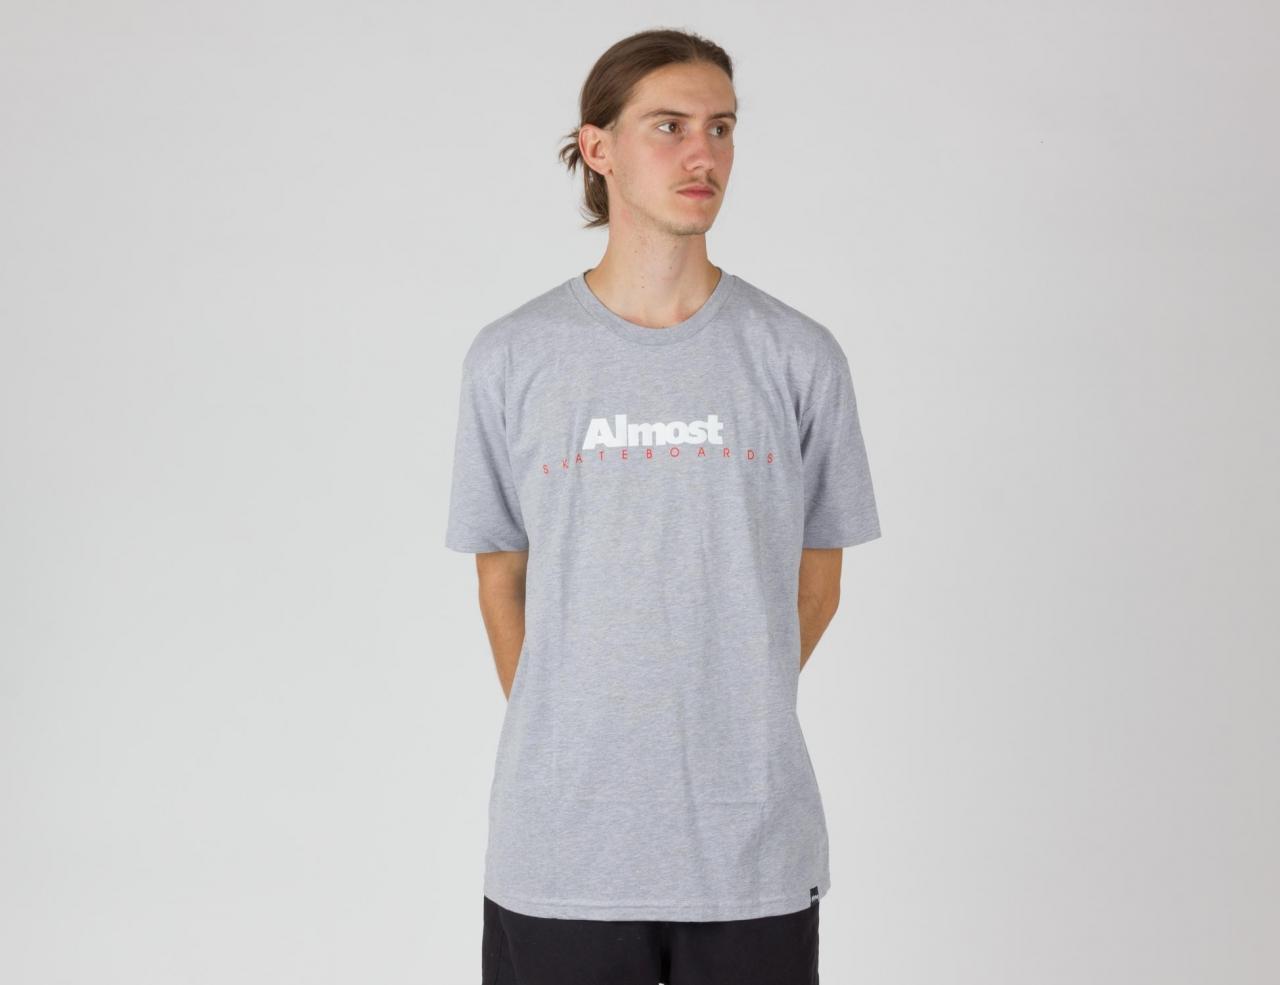 Almost Premium Classic Logo T-Shirt-heagre